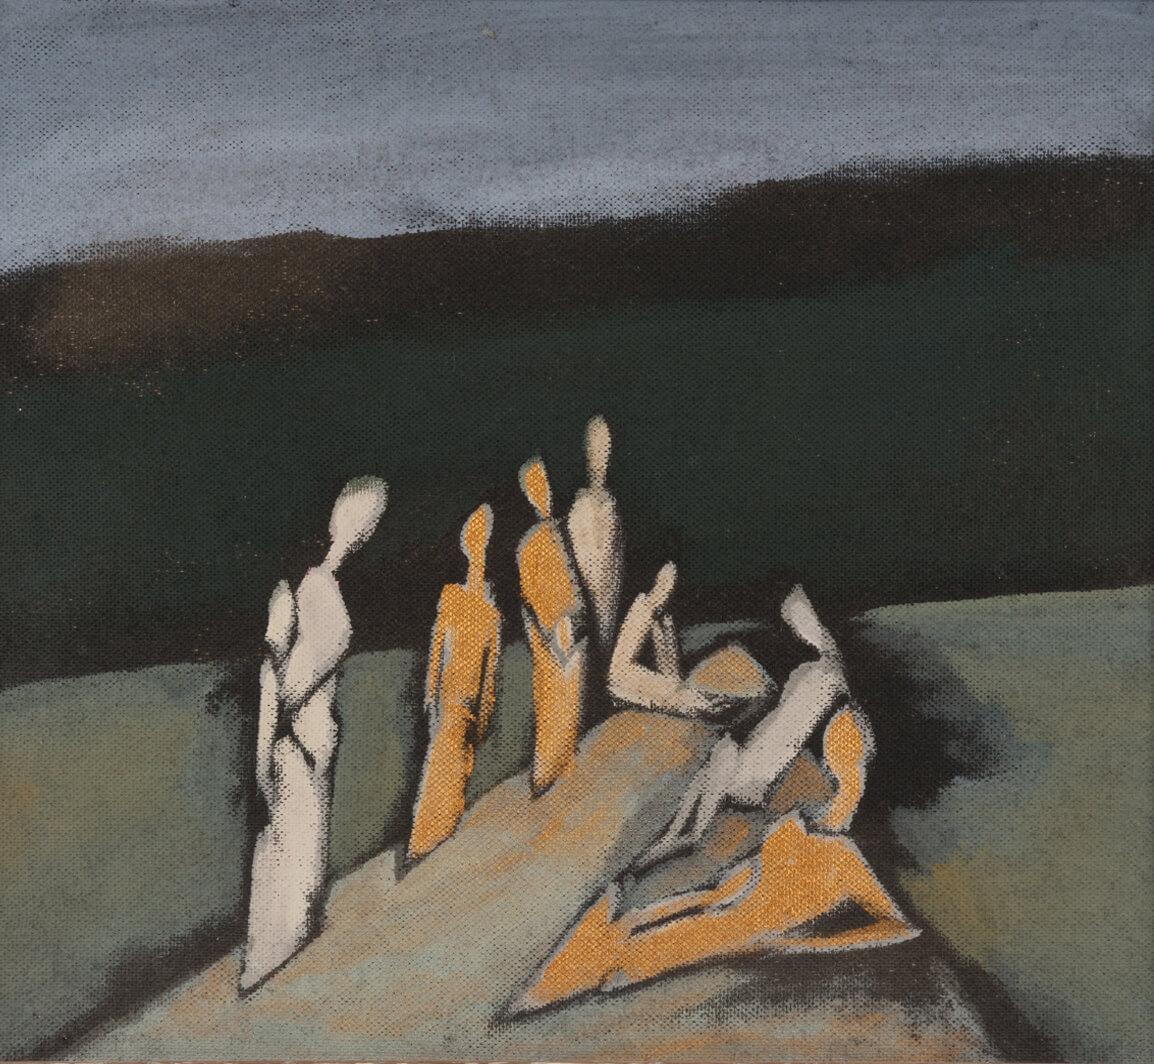 Выставка «Борис Кочейшвили. Яи ОНИ»